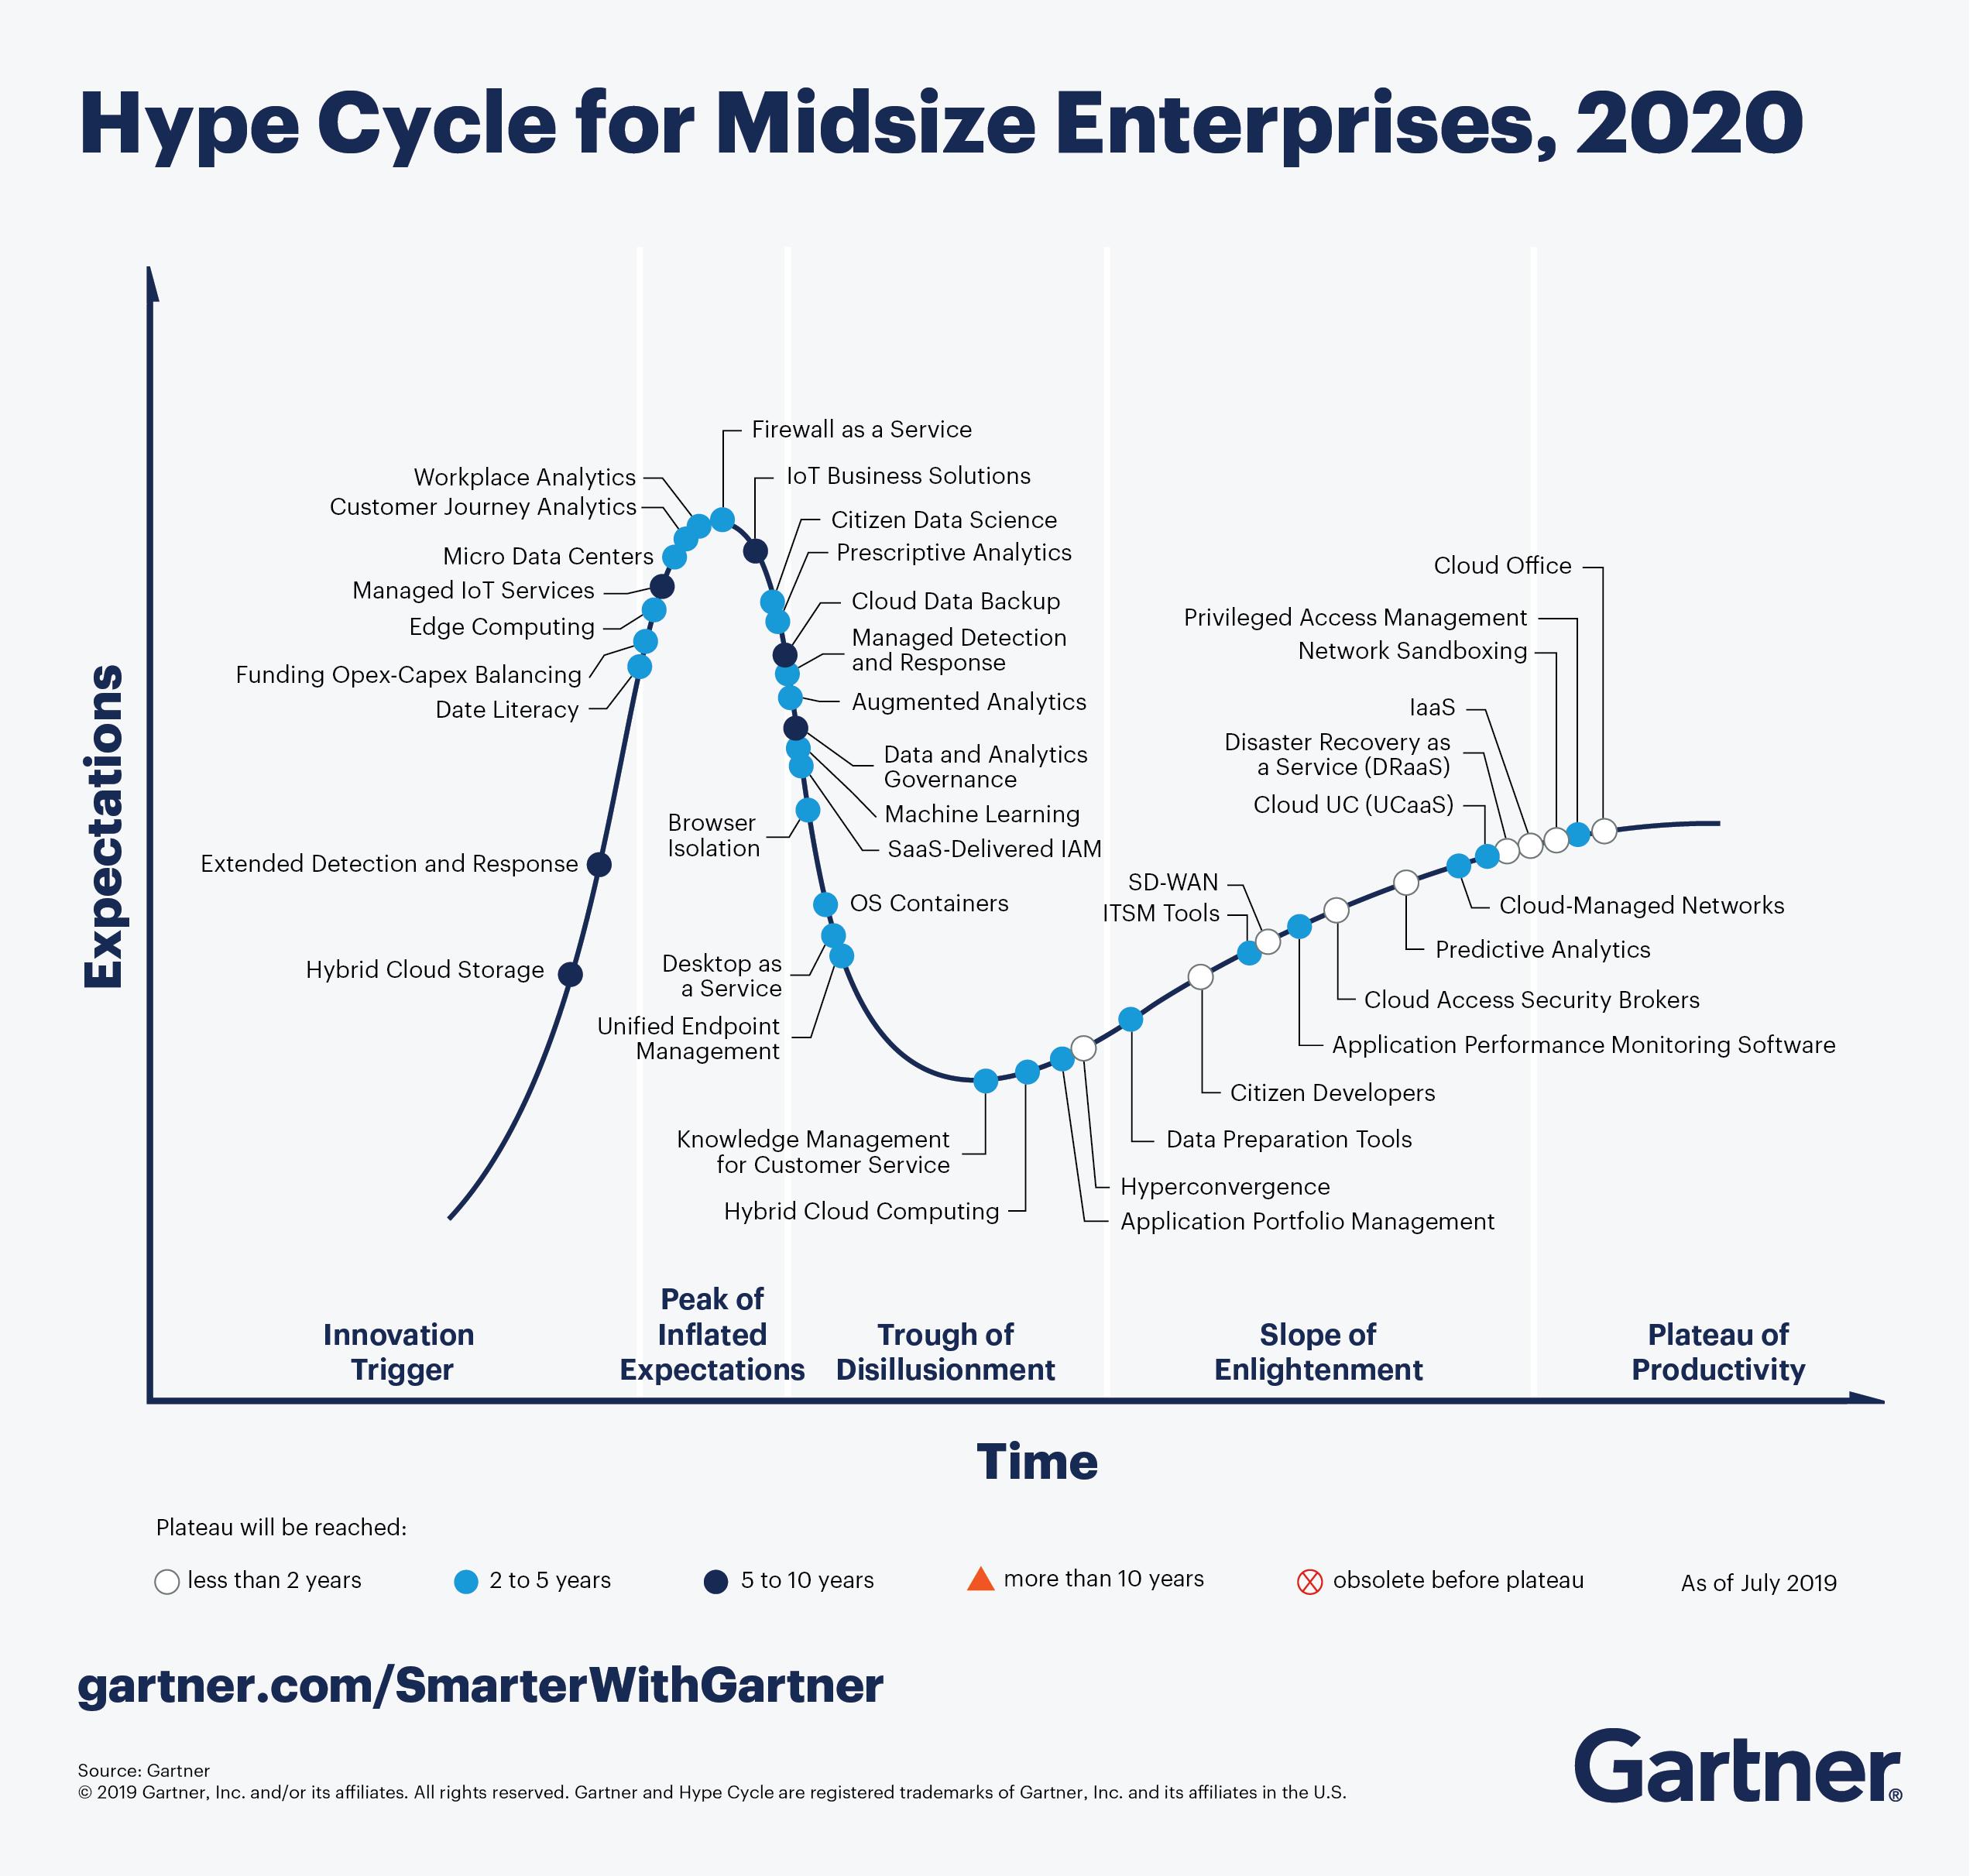 Gartner Hype Cycle for Midsize Enterprises 2020